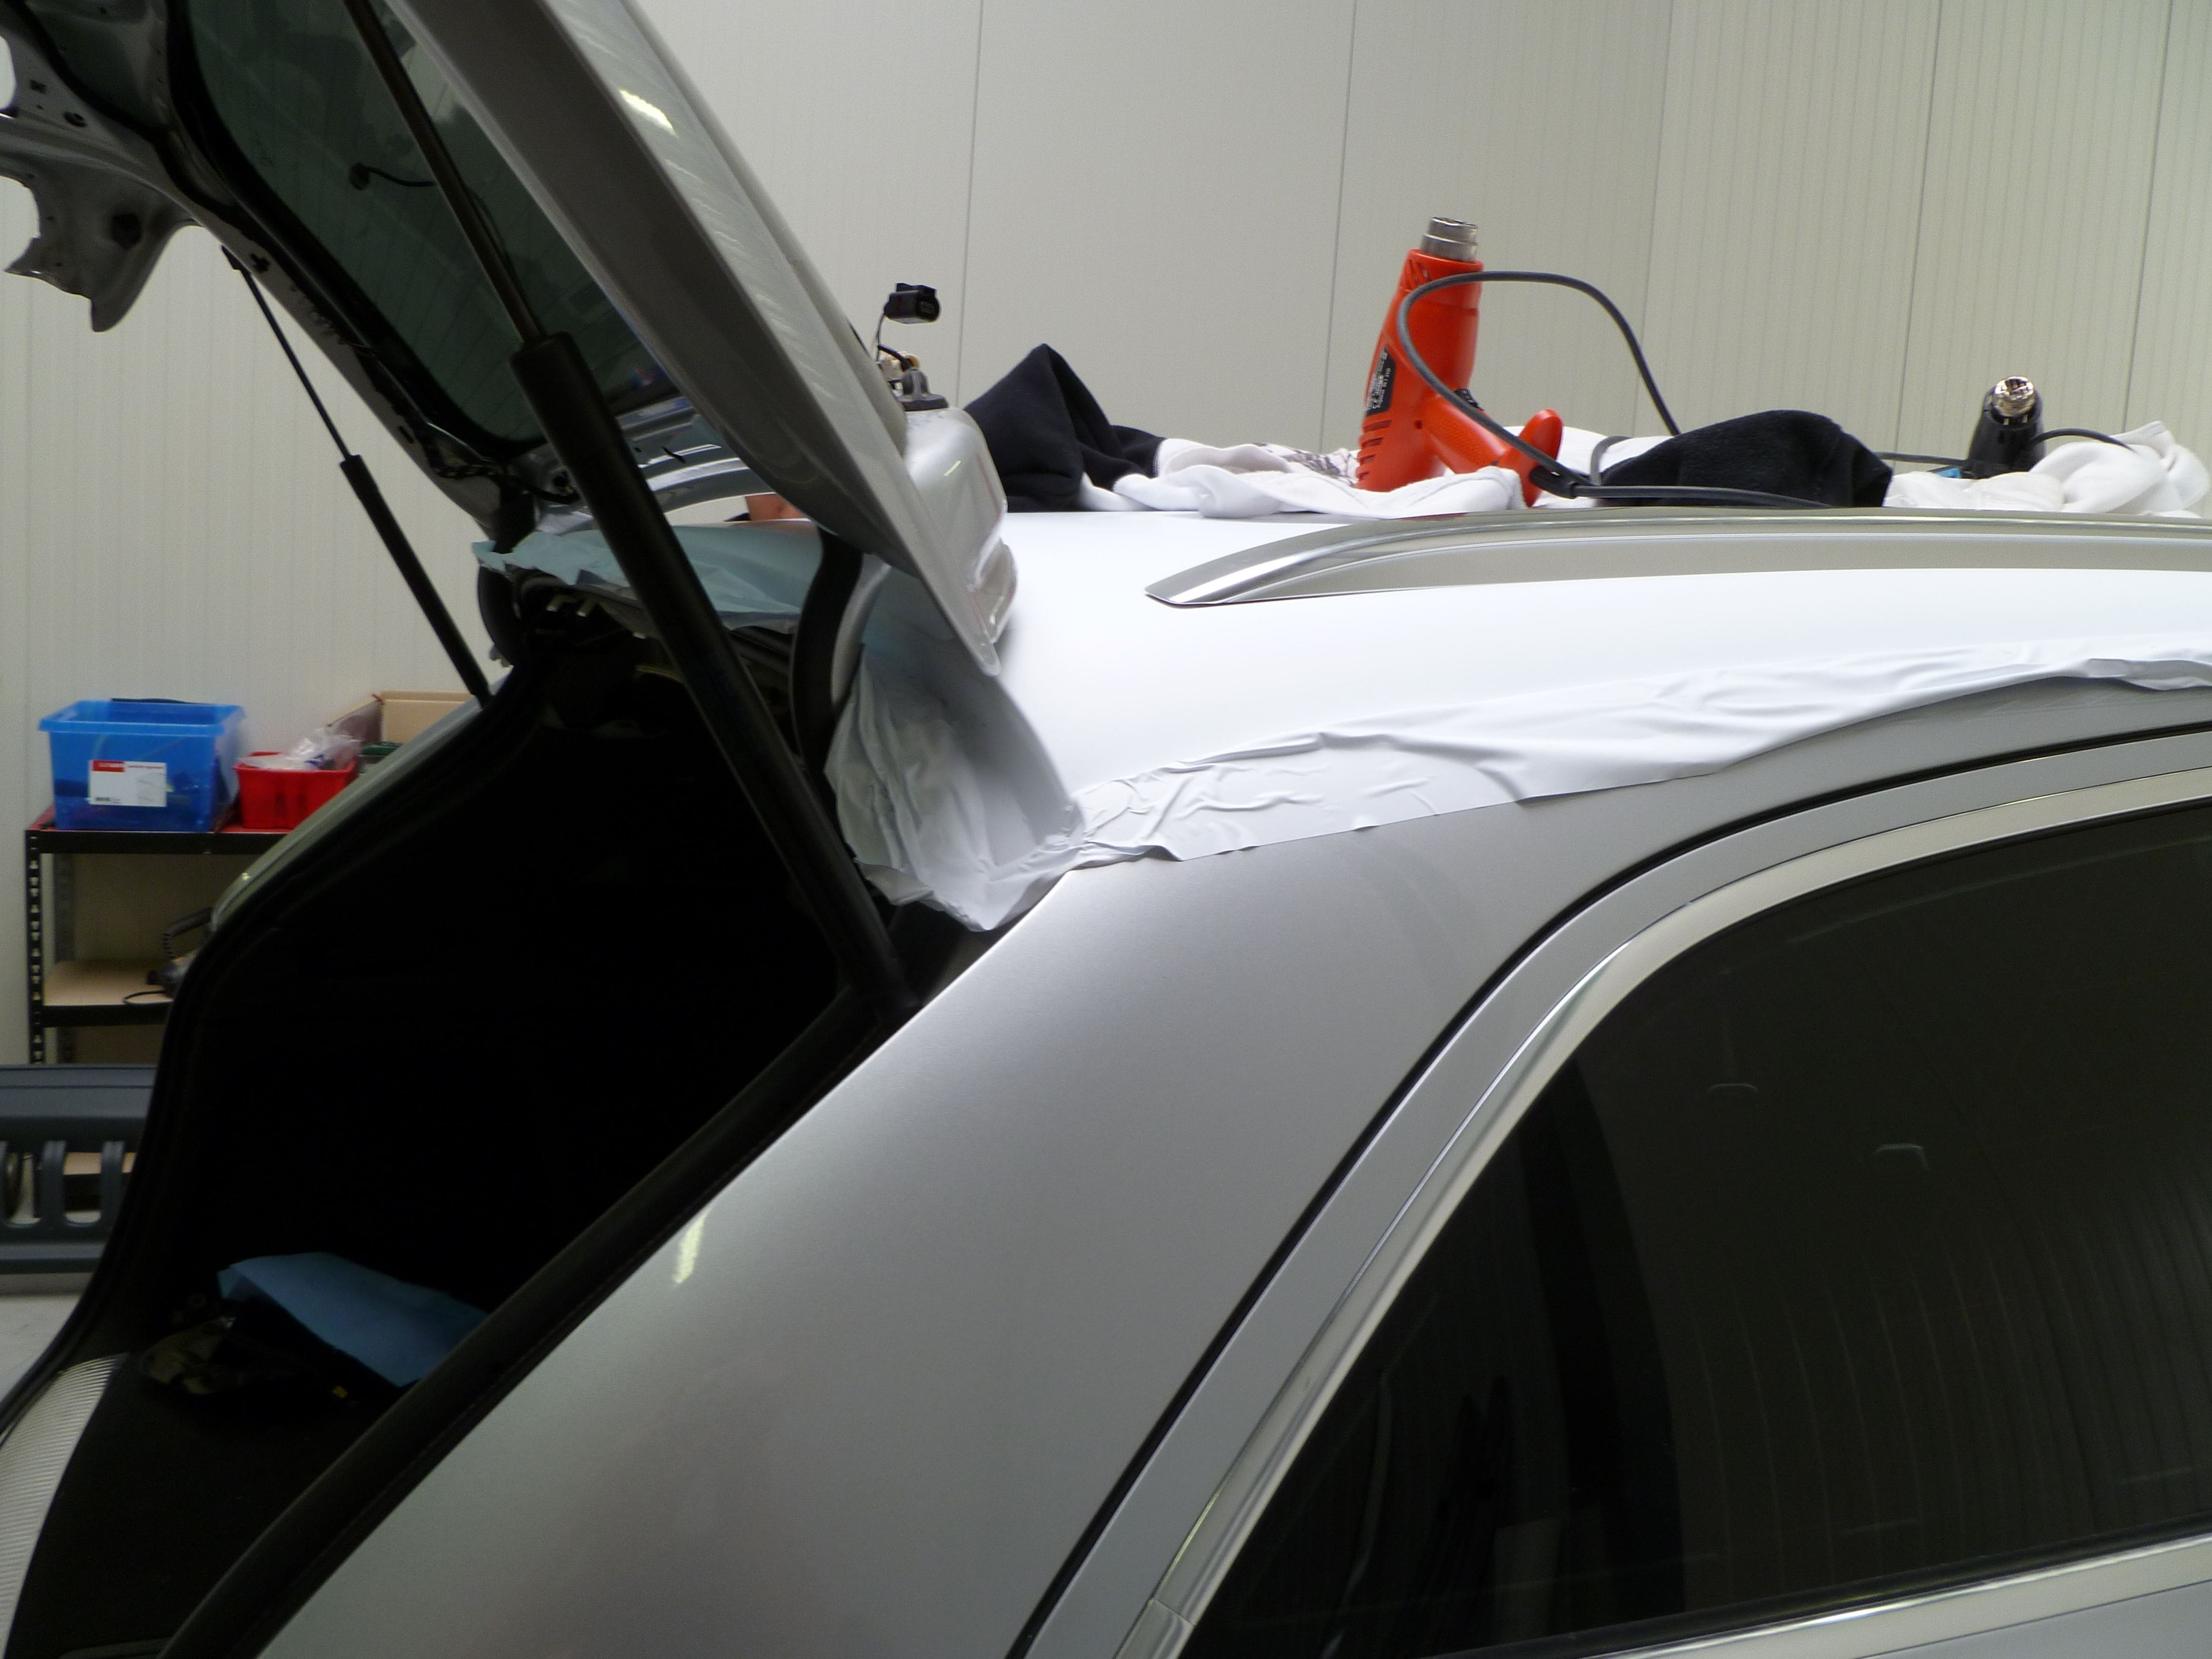 Audi Q7 met Mat Witte Wrap, Carwrapping door Wrapmyride.nu Foto-nr:4974, ©2021